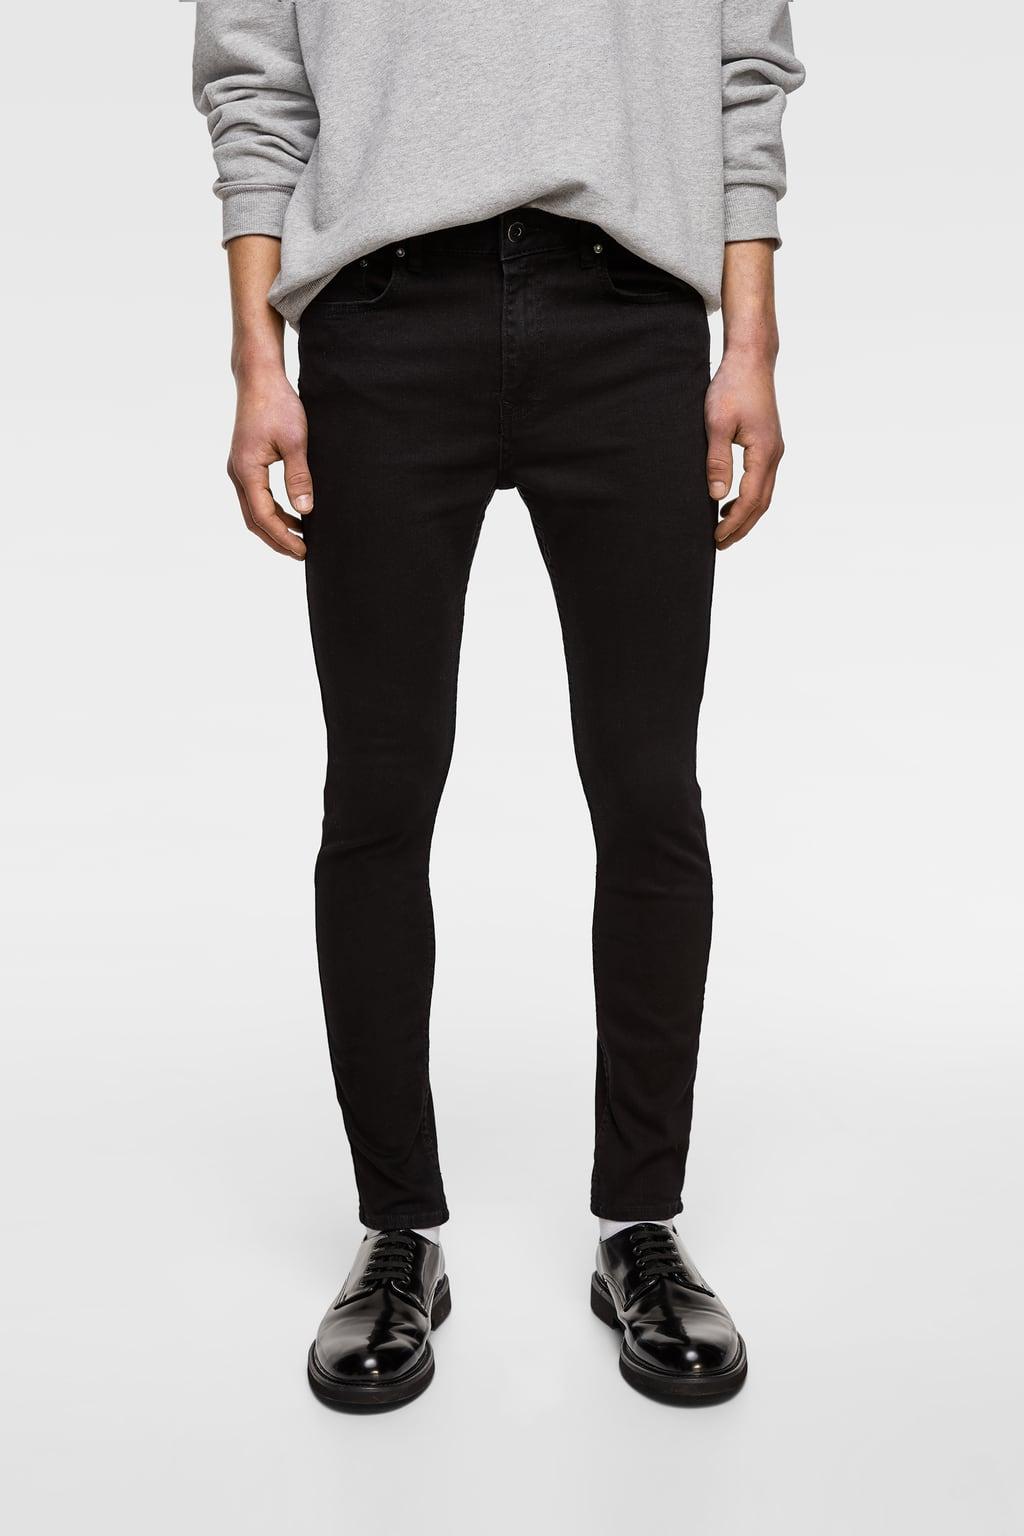 Skinny Black Jeans from zara.com